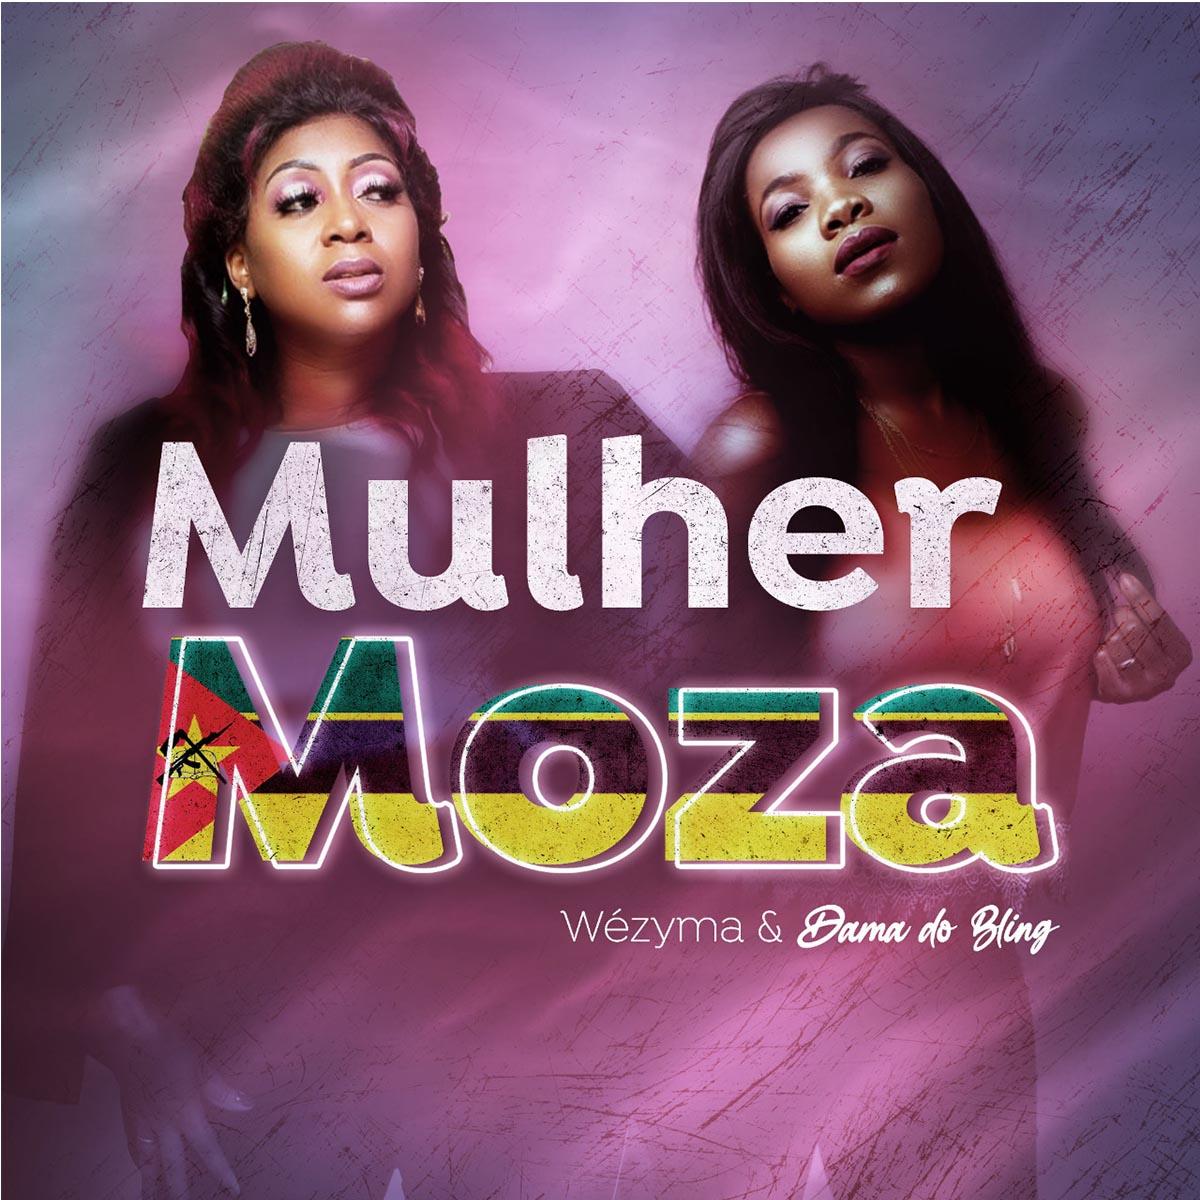 Wezima & Dama do Bling - Mulher Moza